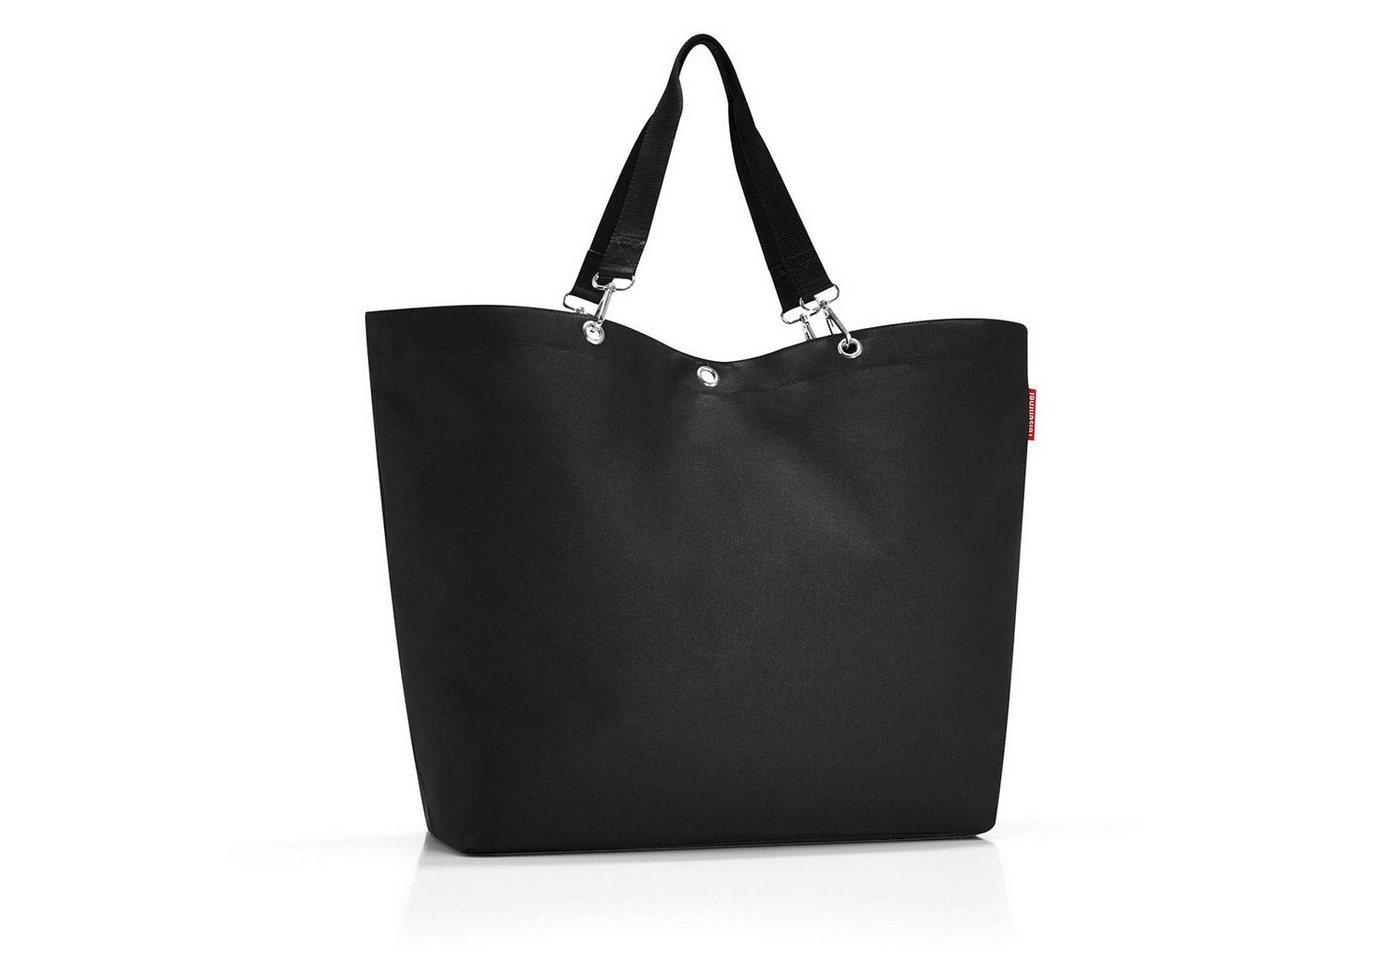 Damen REISENTHEL® Strandtasche shopper XL schwarz | 04012013579332